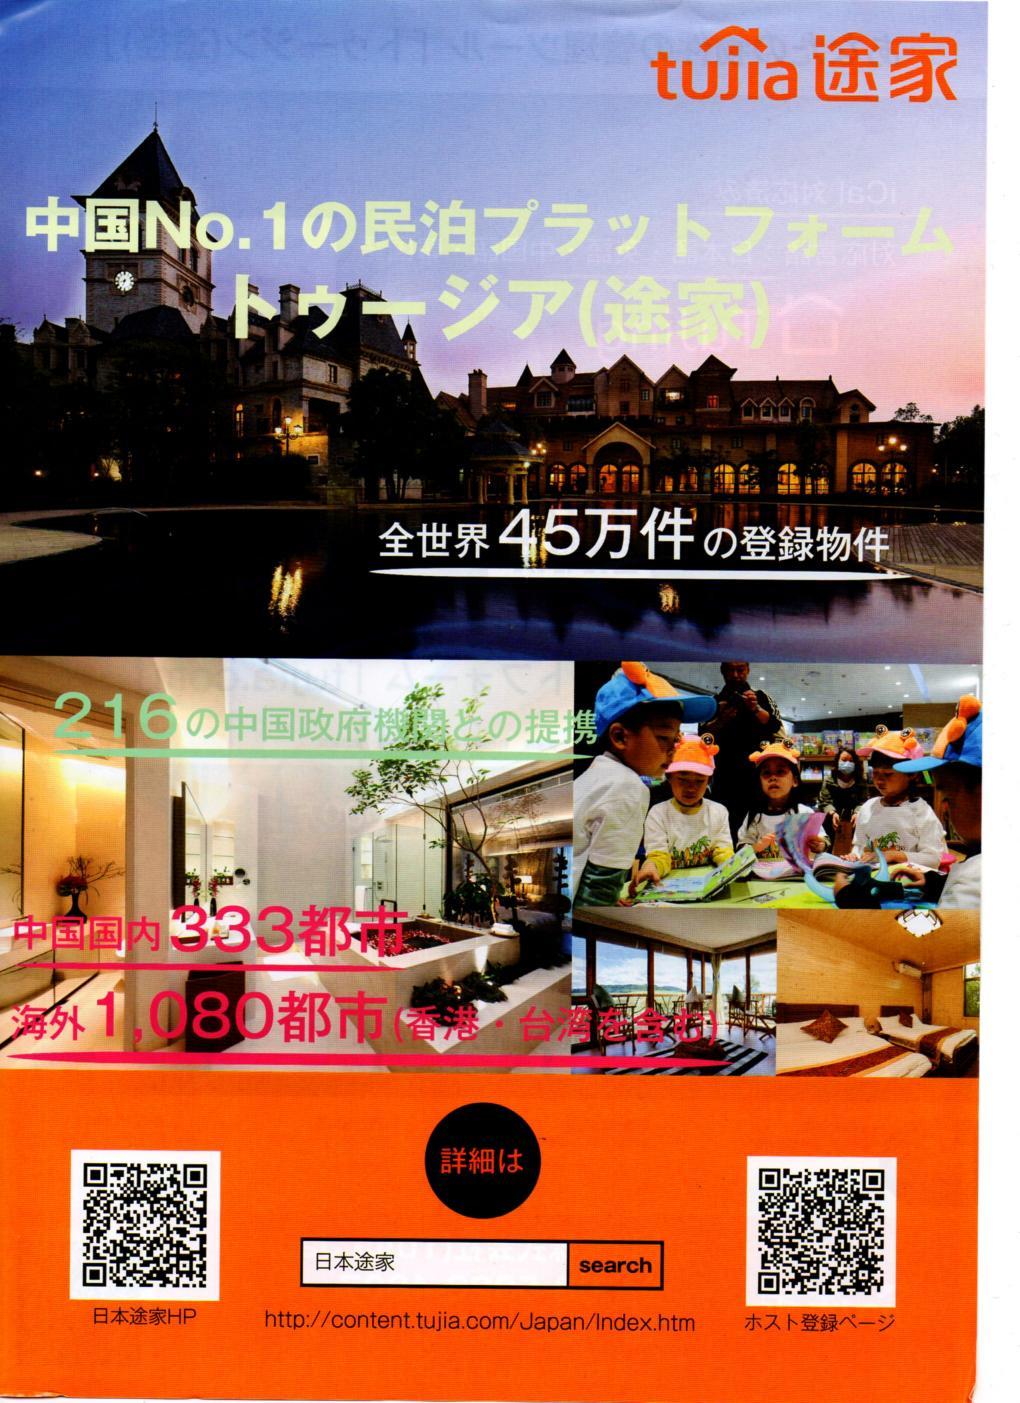 民泊新法、衆院可決。中国民泊サイトは「合法」「ホテルより安い」「物件は自社管理」と言うけど、大丈夫?_b0235153_13471985.jpg